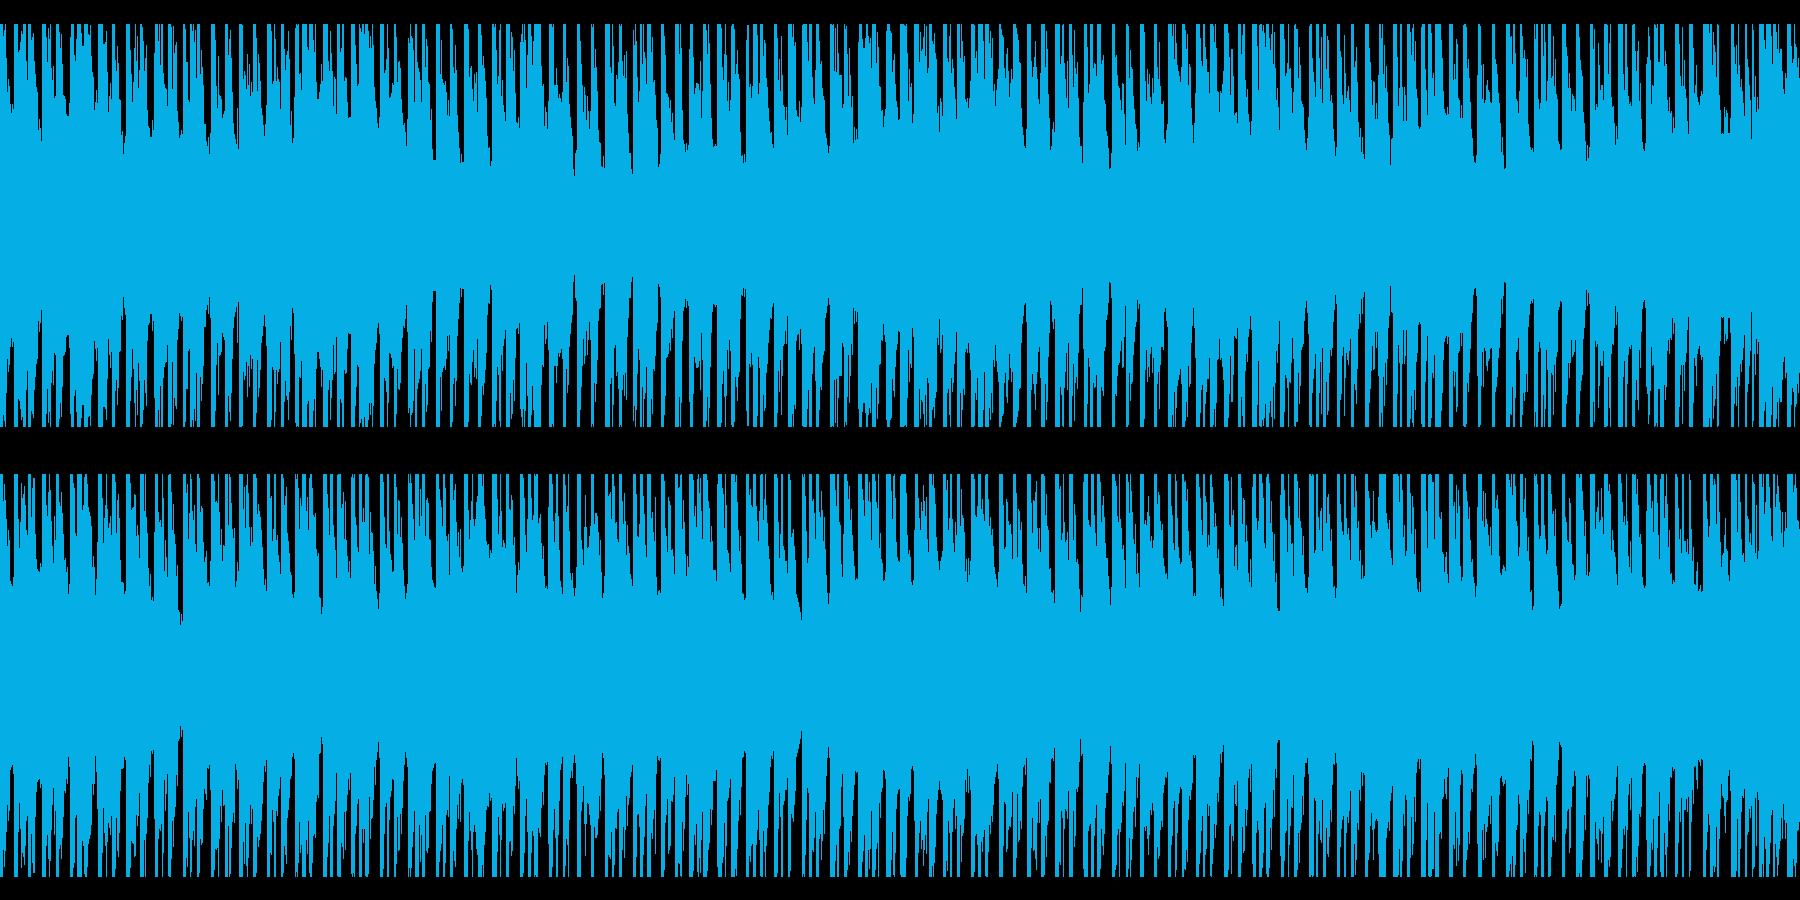 ハッピーサニーデイズ(ループ)の再生済みの波形